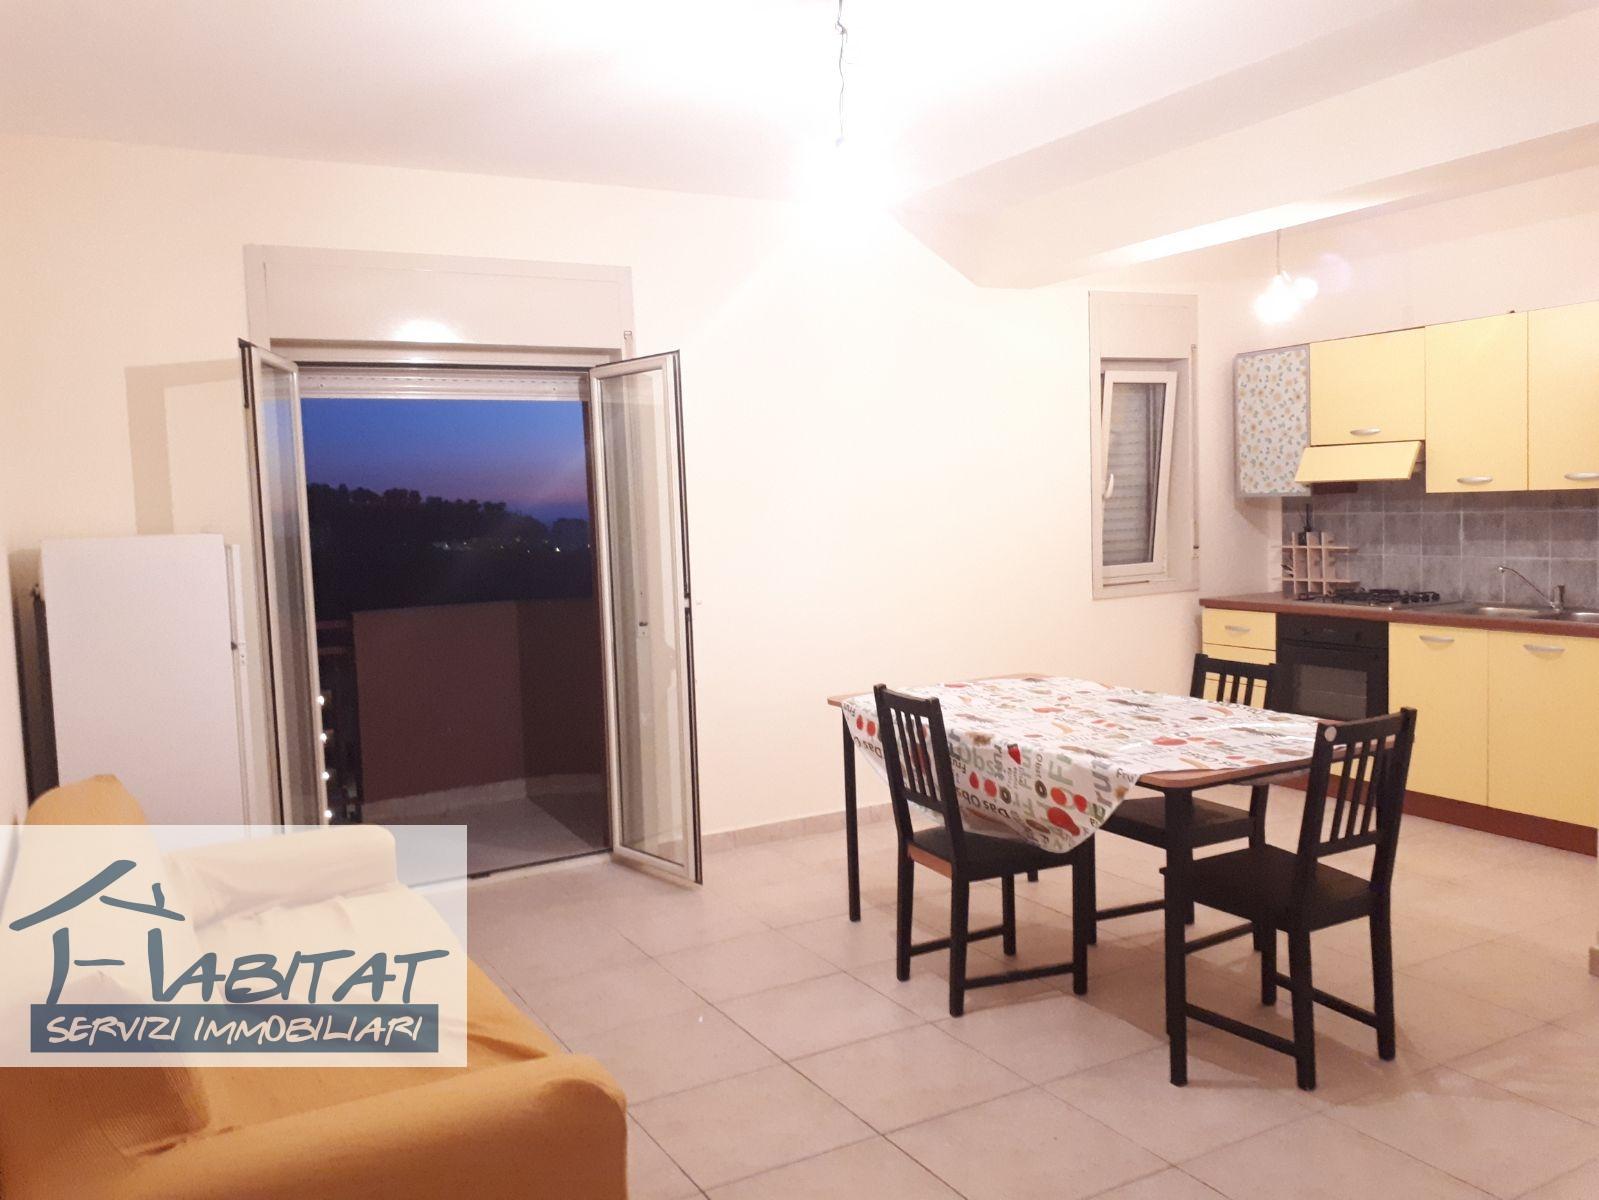 Appartamento in affitto a Agrigento, 5 locali, zona Località: Quadrivio, prezzo € 140.000 | CambioCasa.it